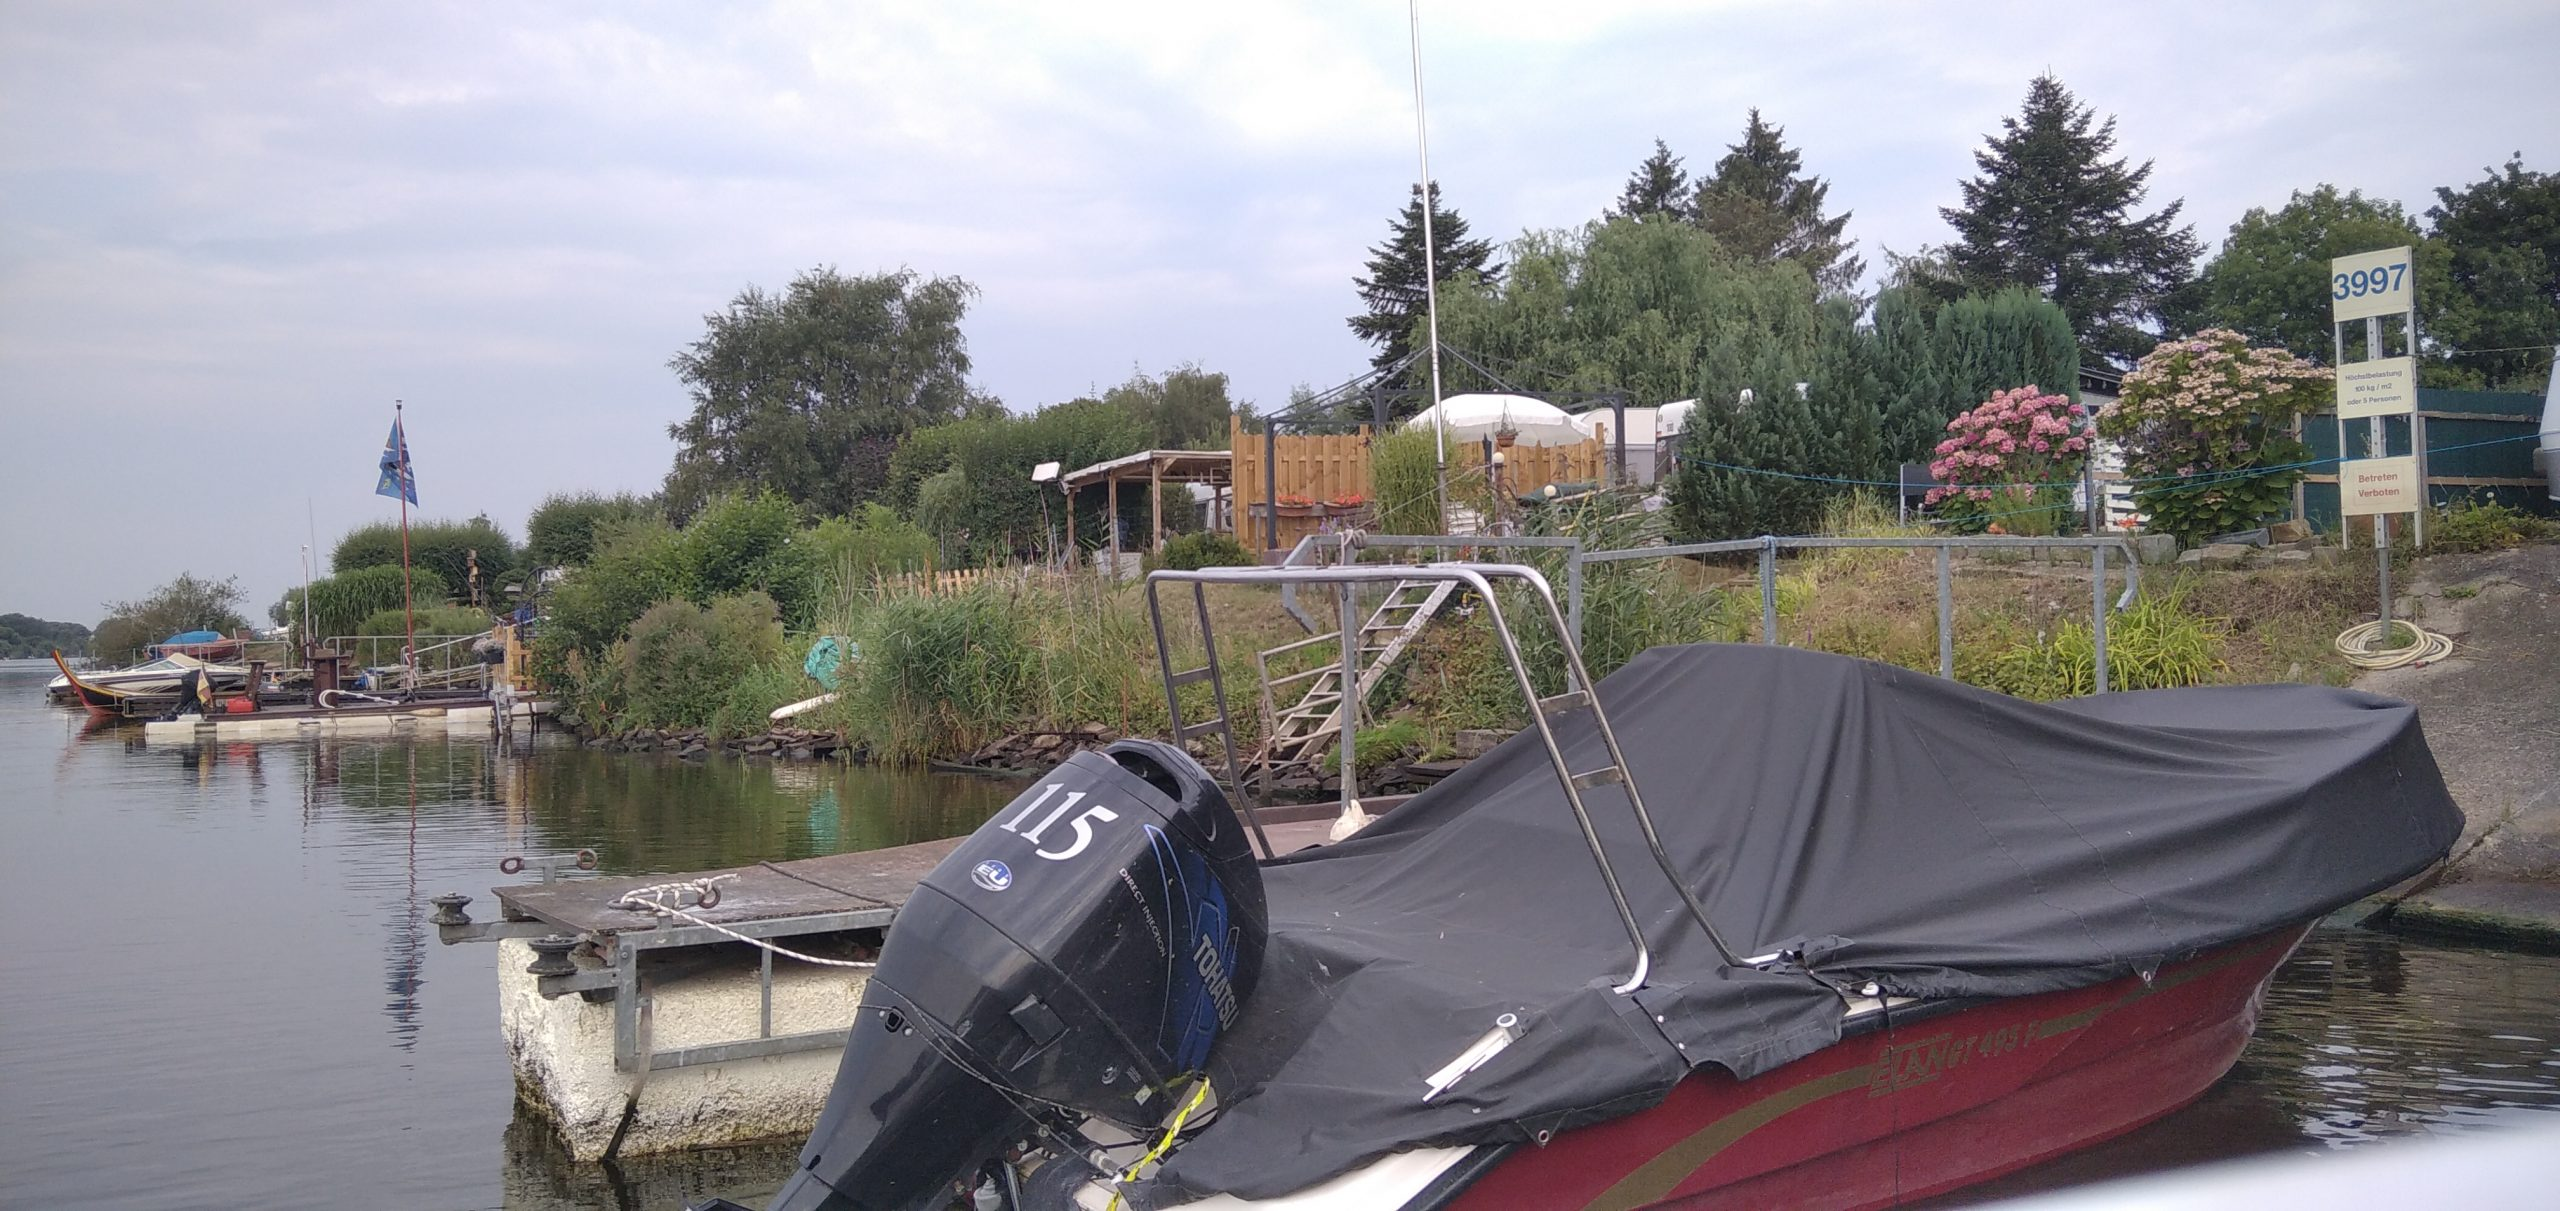 Mit dem Boot in Bremens City: Vom Campingplatz Weser-Camping-Bollen aus